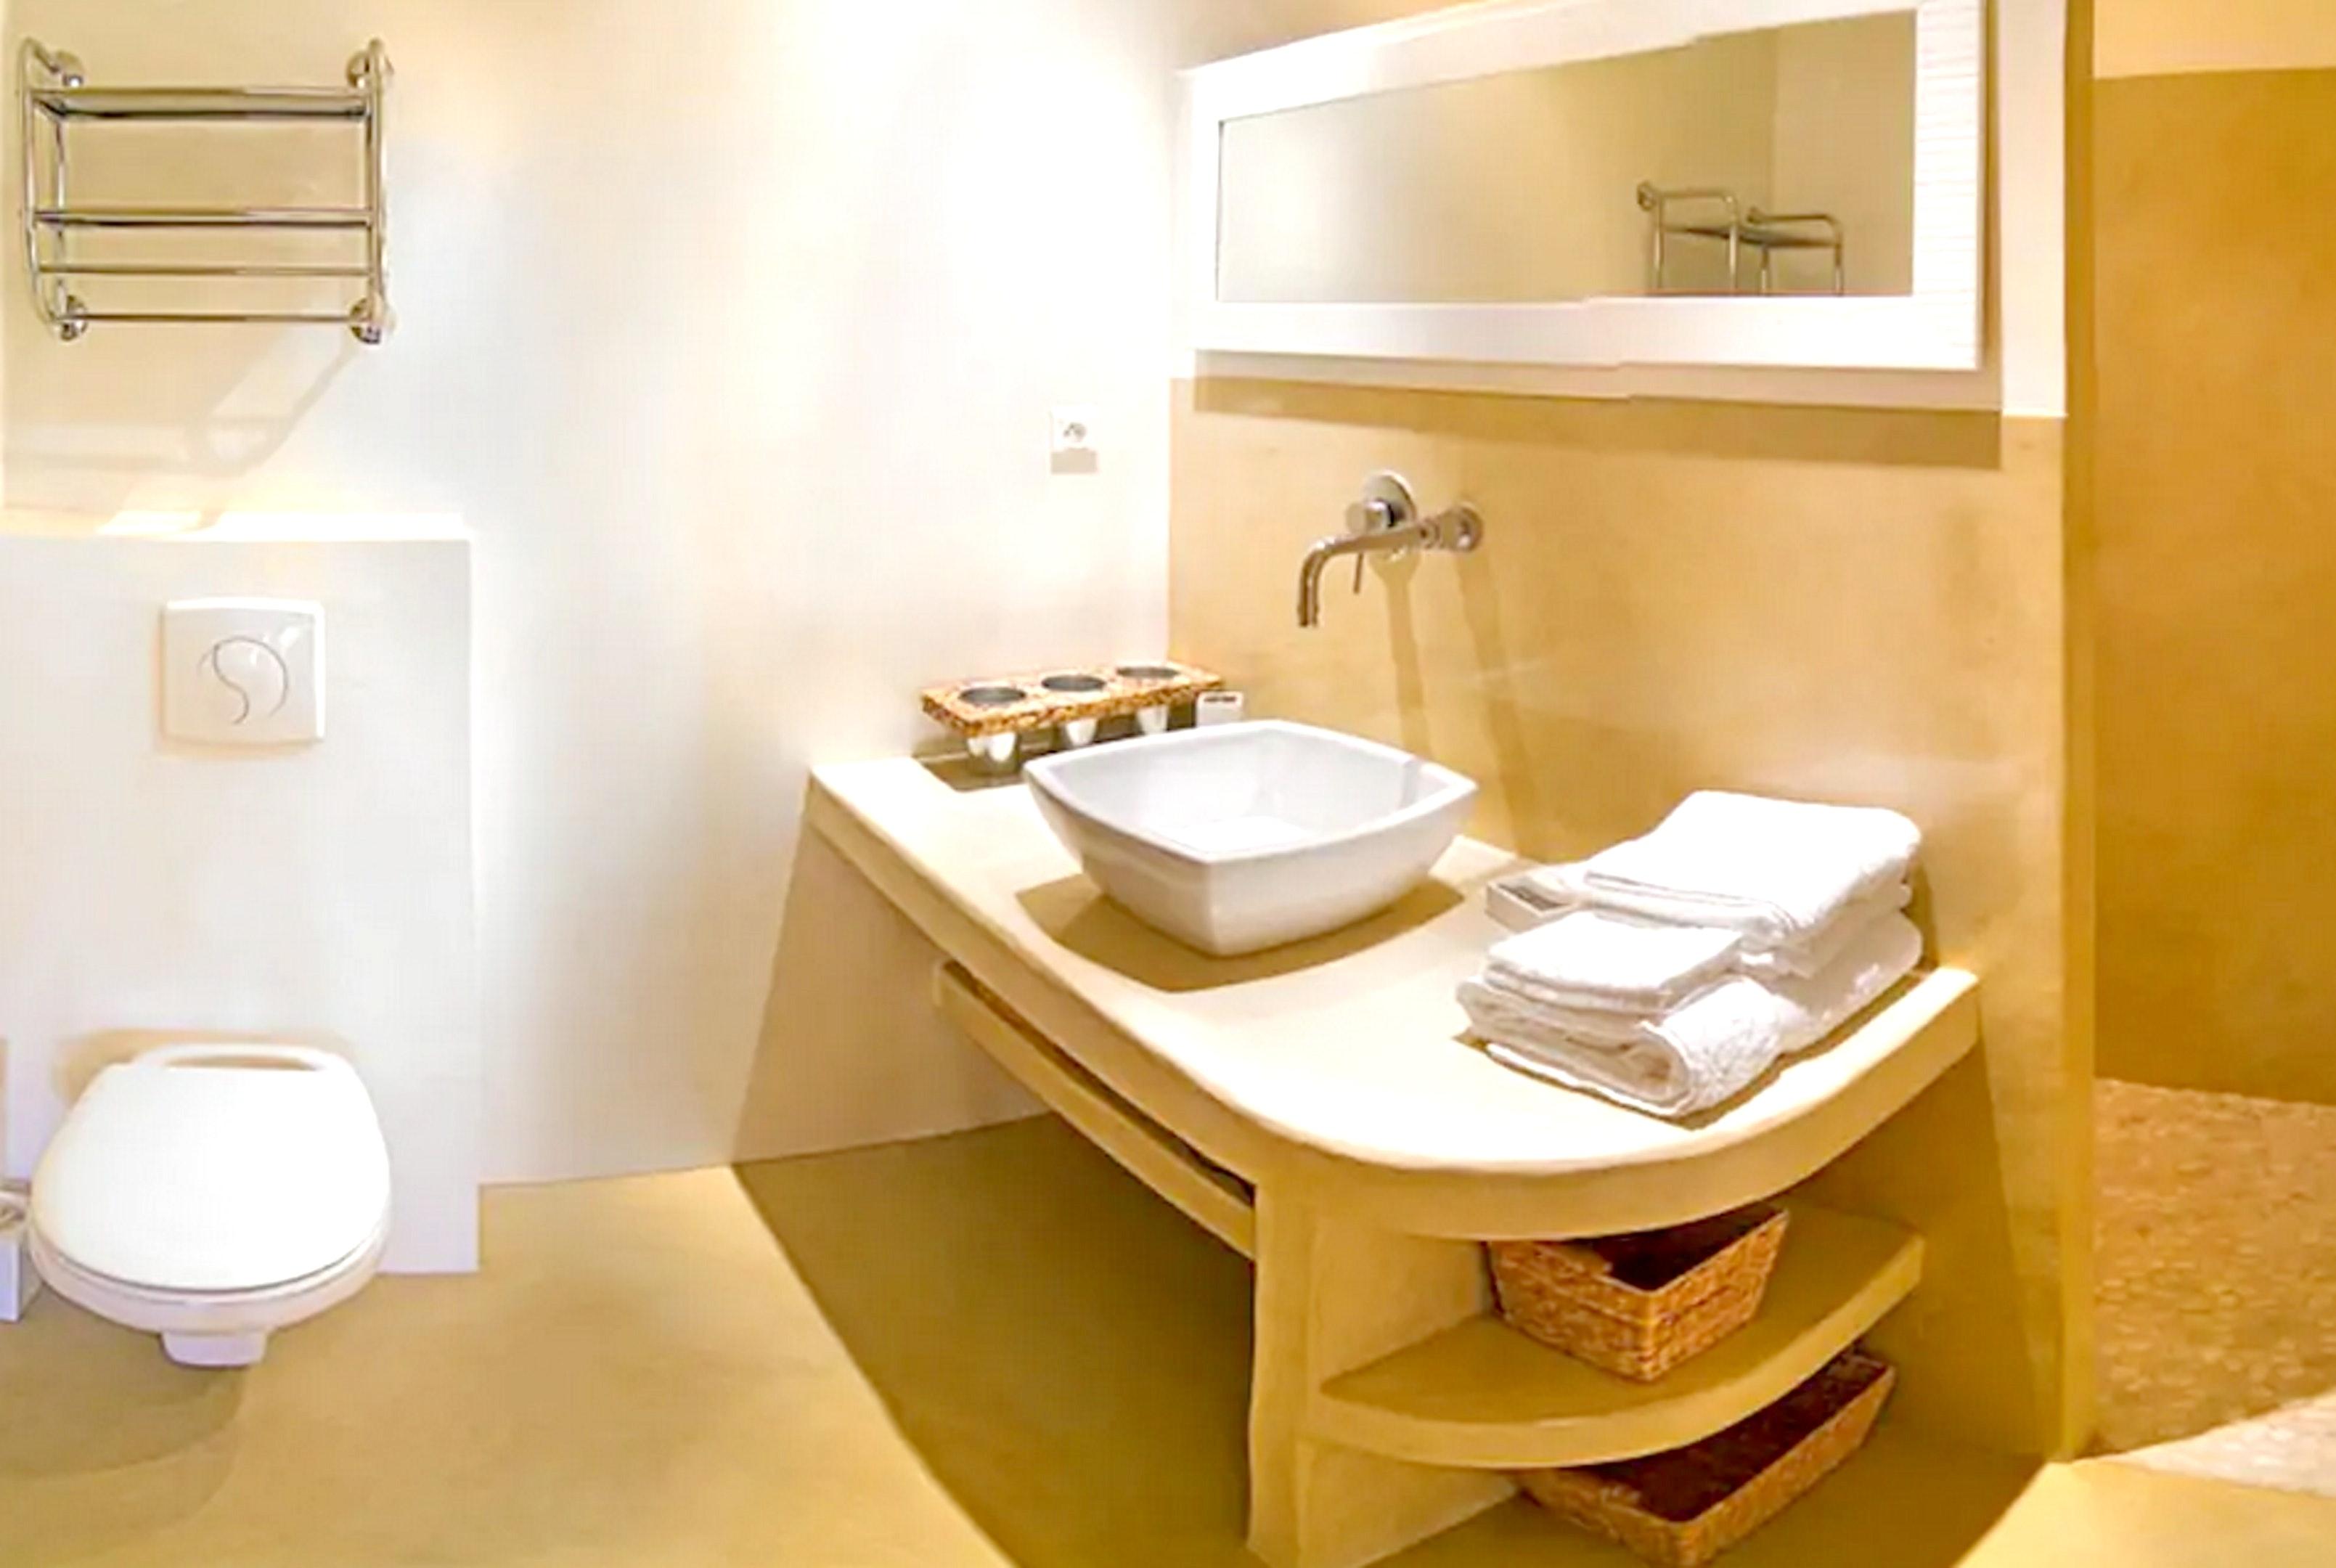 Maison de vacances Villa mit 6 Schlafzimmern in L'Isle-sur-la-Sorgue mit privatem Pool, möbliertem Garten und (2647203), L'Isle sur la Sorgue, Vaucluse, Provence - Alpes - Côte d'Azur, France, image 60